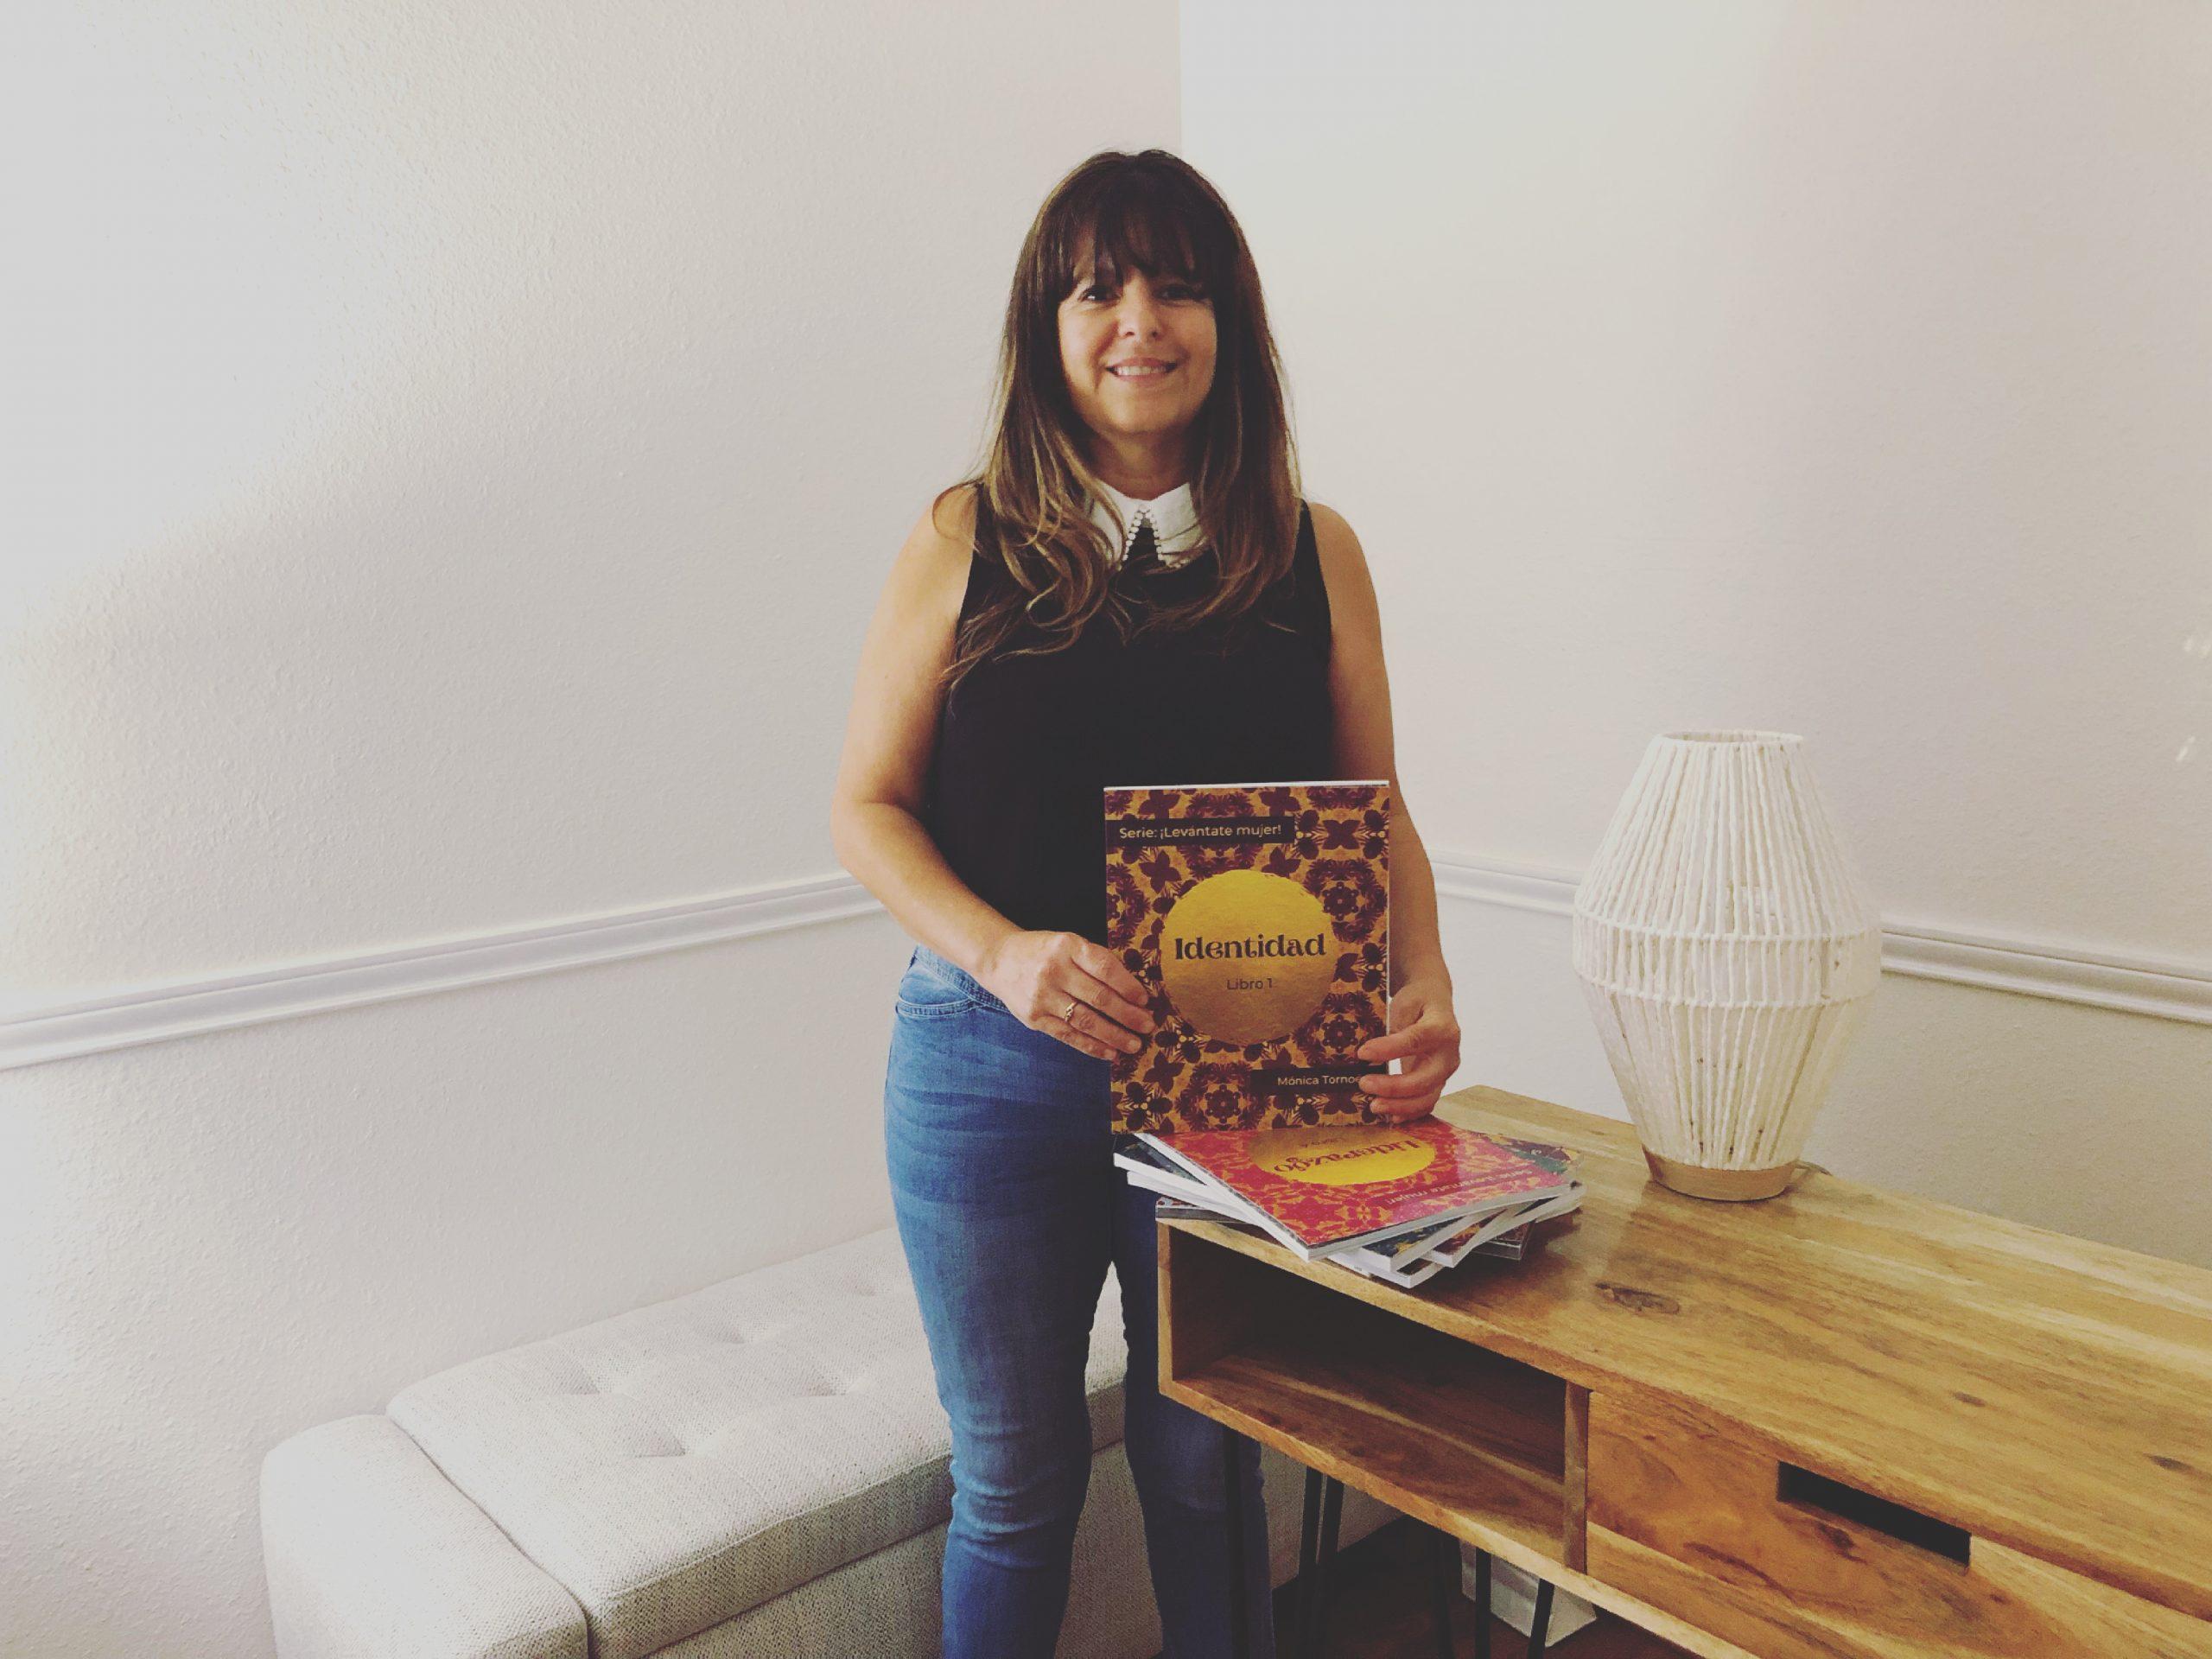 Conoce la historia de Mónica Tornoe y sus libros para ayudar a la mujer